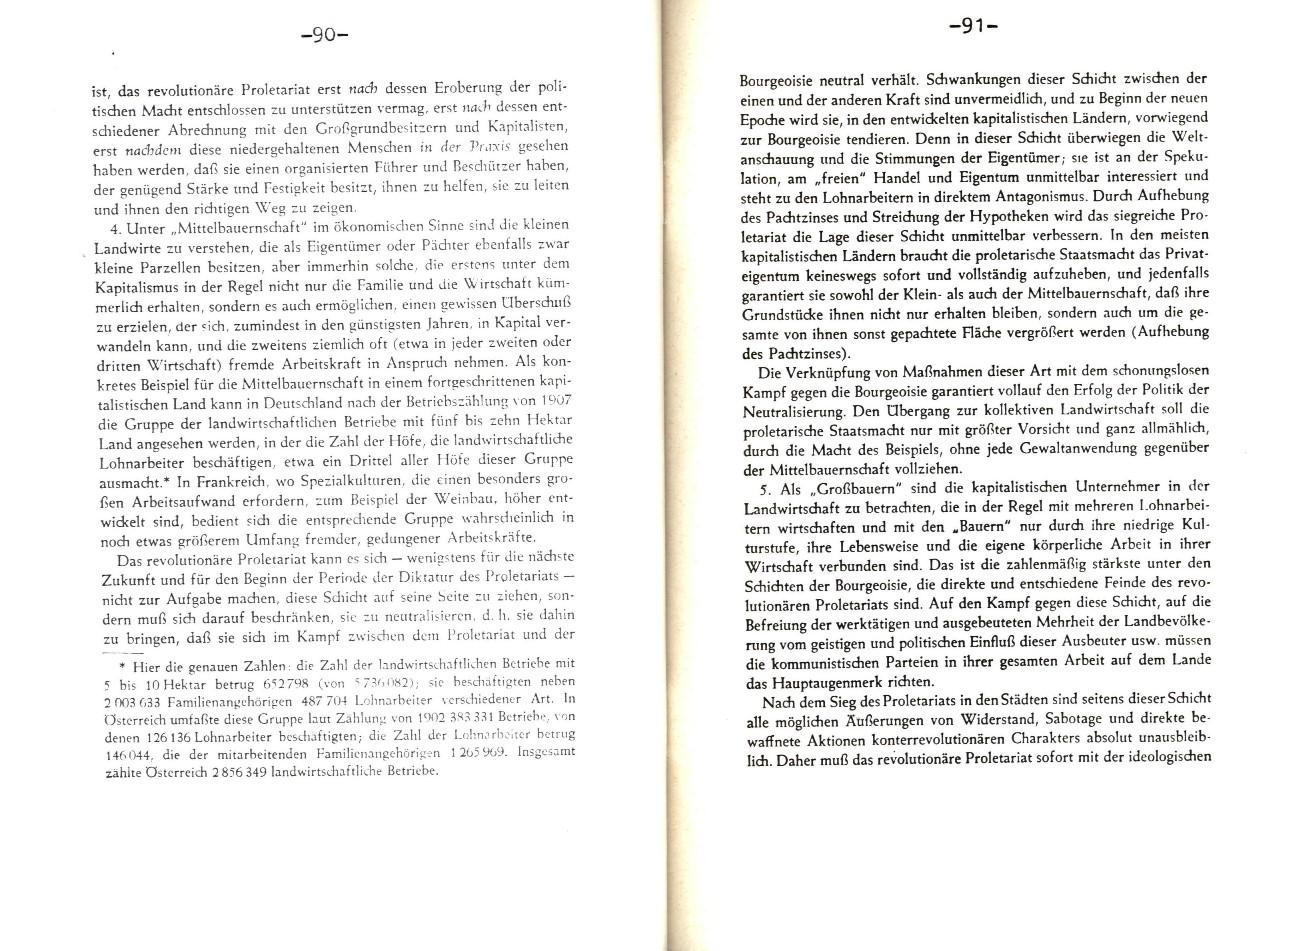 MLSK_Theorie_und_Praxis_des_ML_1978_23_49